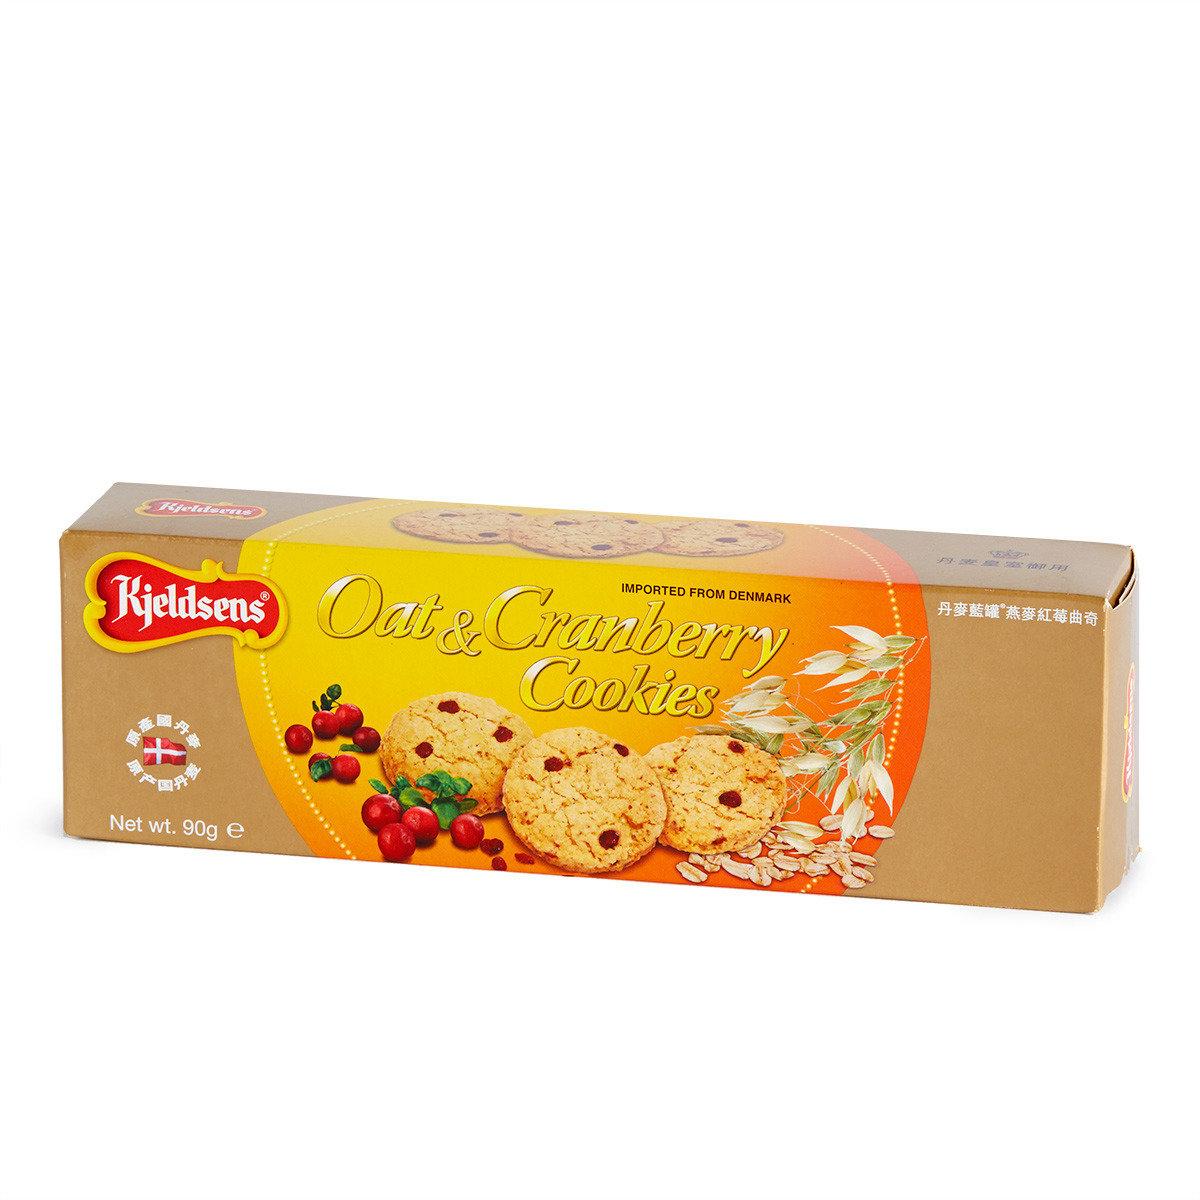 燕麥紅莓曲奇盒裝